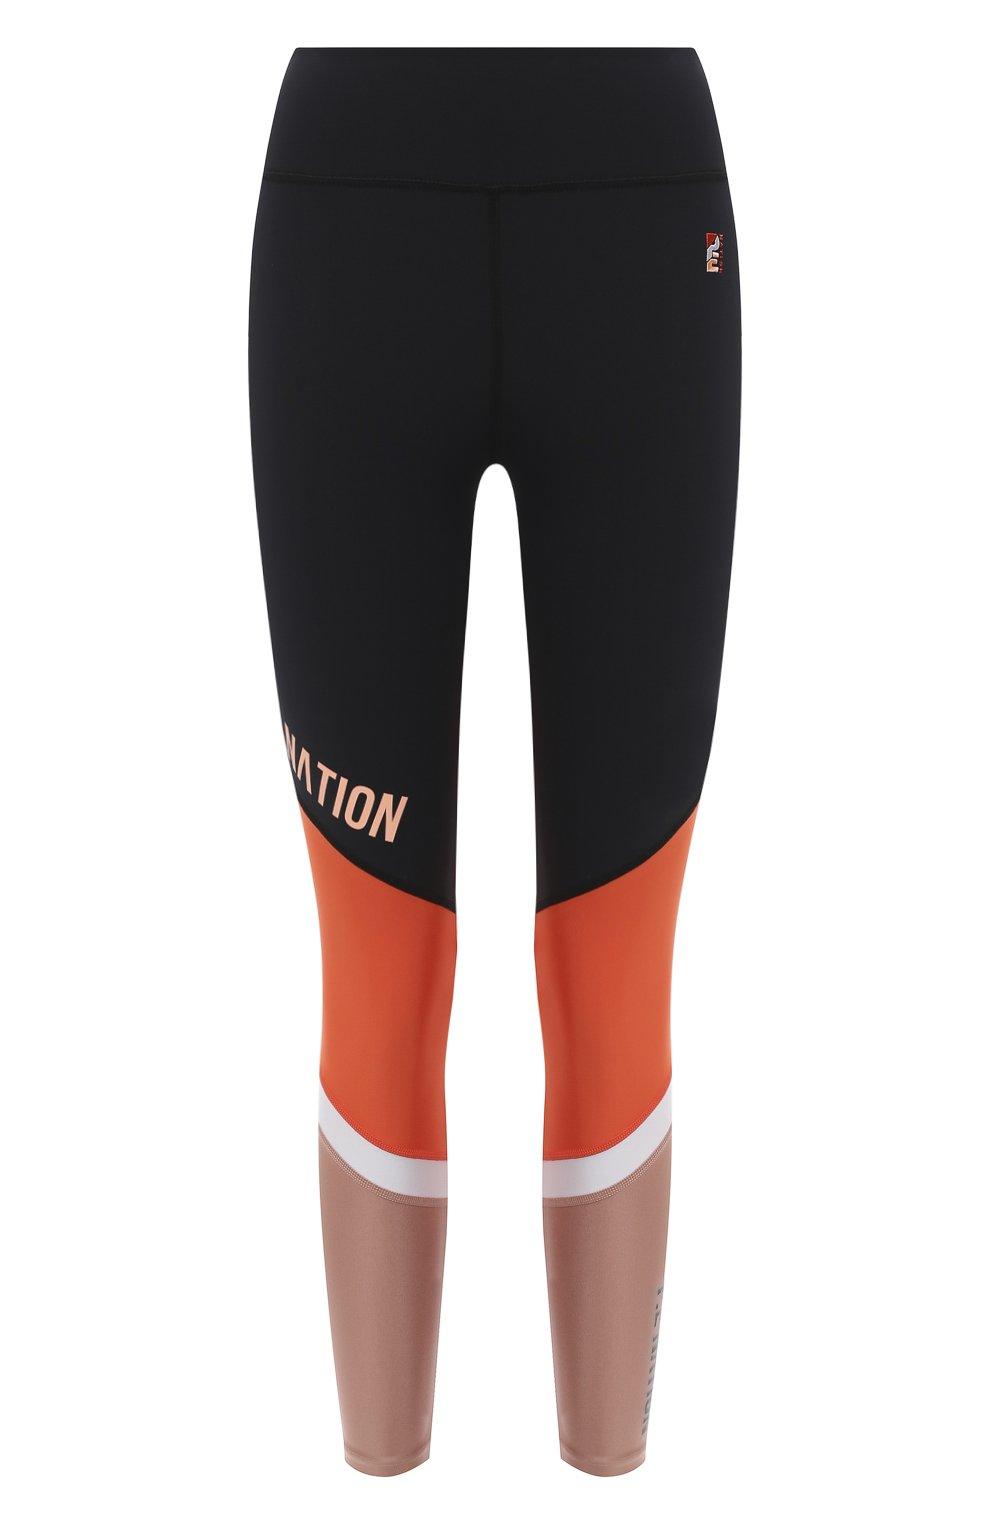 Женские леггинсы P.E. NATION черного цвета, арт. 20PE2G041 | Фото 1 (Длина (брюки, джинсы): Стандартные; Кросс-КТ: Спорт; Материал внешний: Синтетический материал; Женское Кросс-КТ: Леггинсы-спорт)